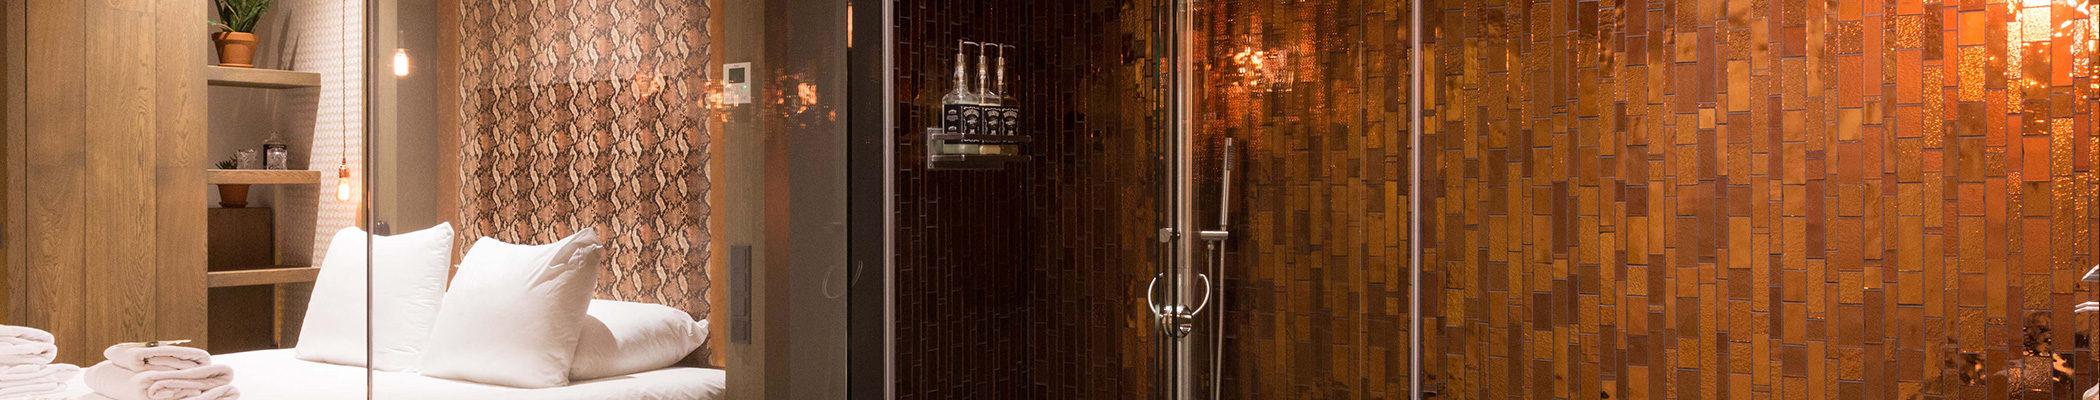 boutique-hotel-zaandam-manzo-loft-suites-bed-douche